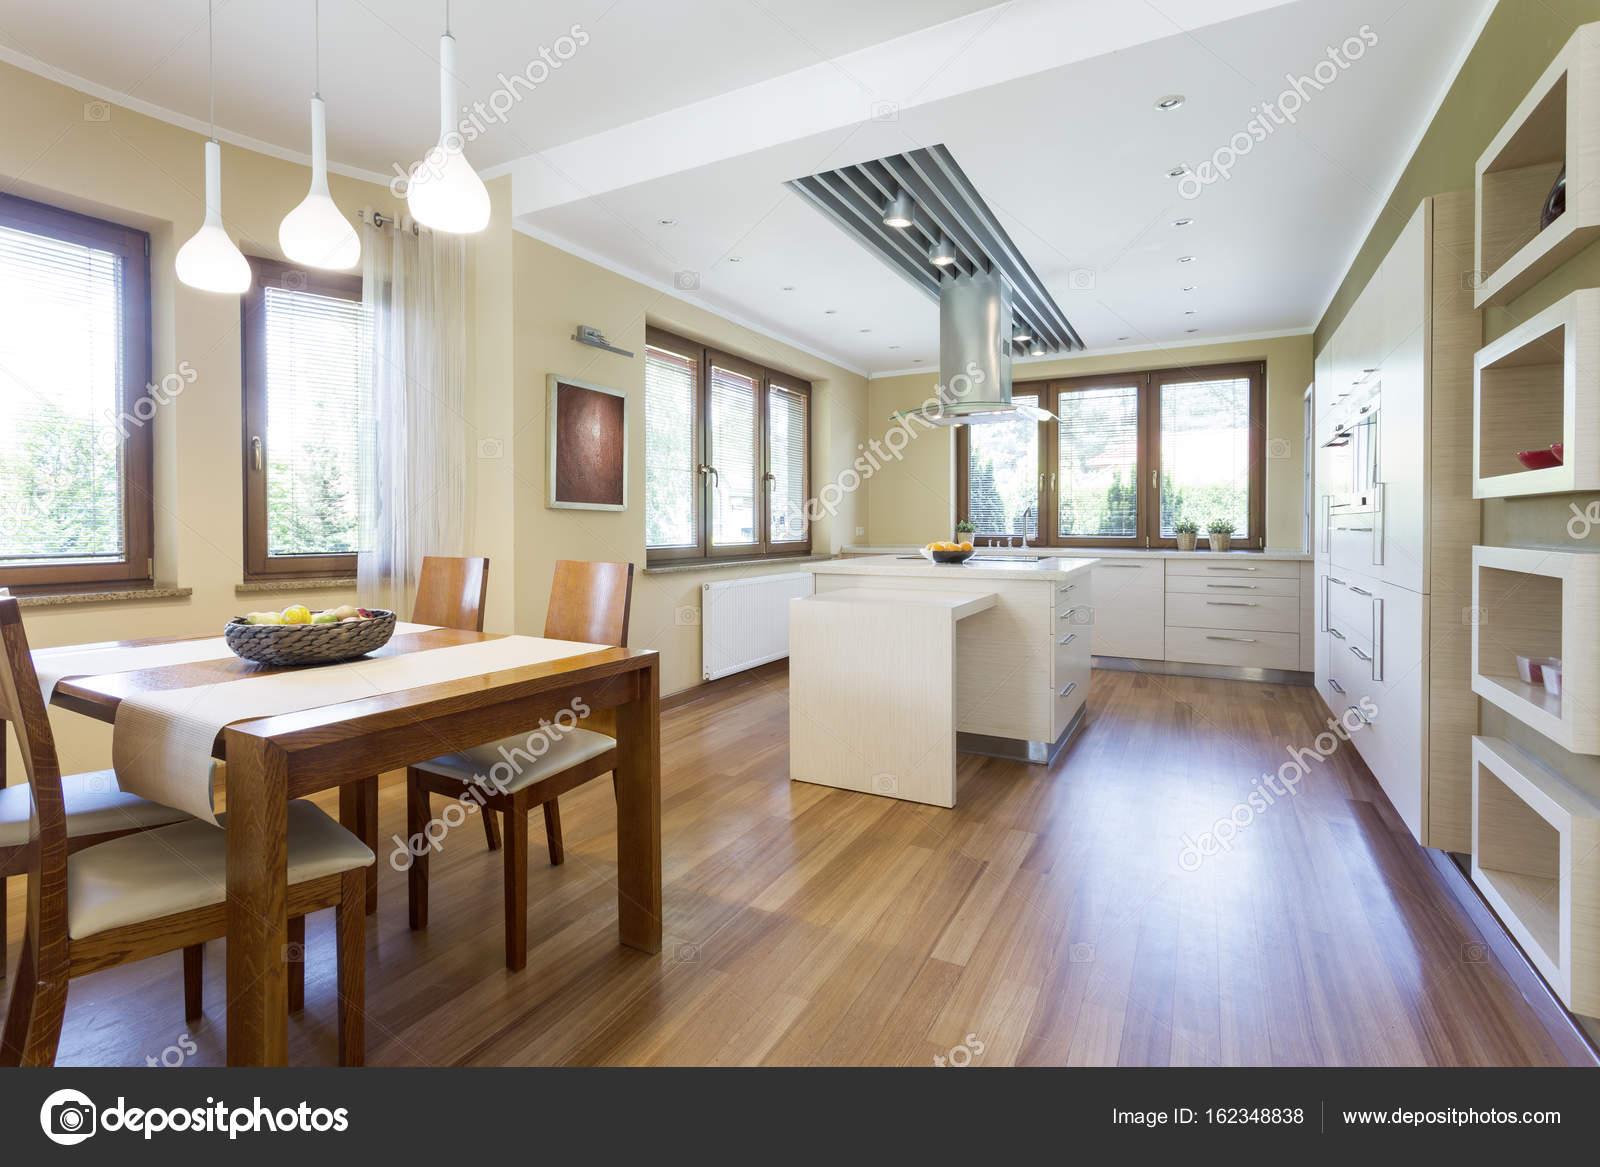 Küche im minimalistischen Stil — Stockfoto © photographee.eu #162348838